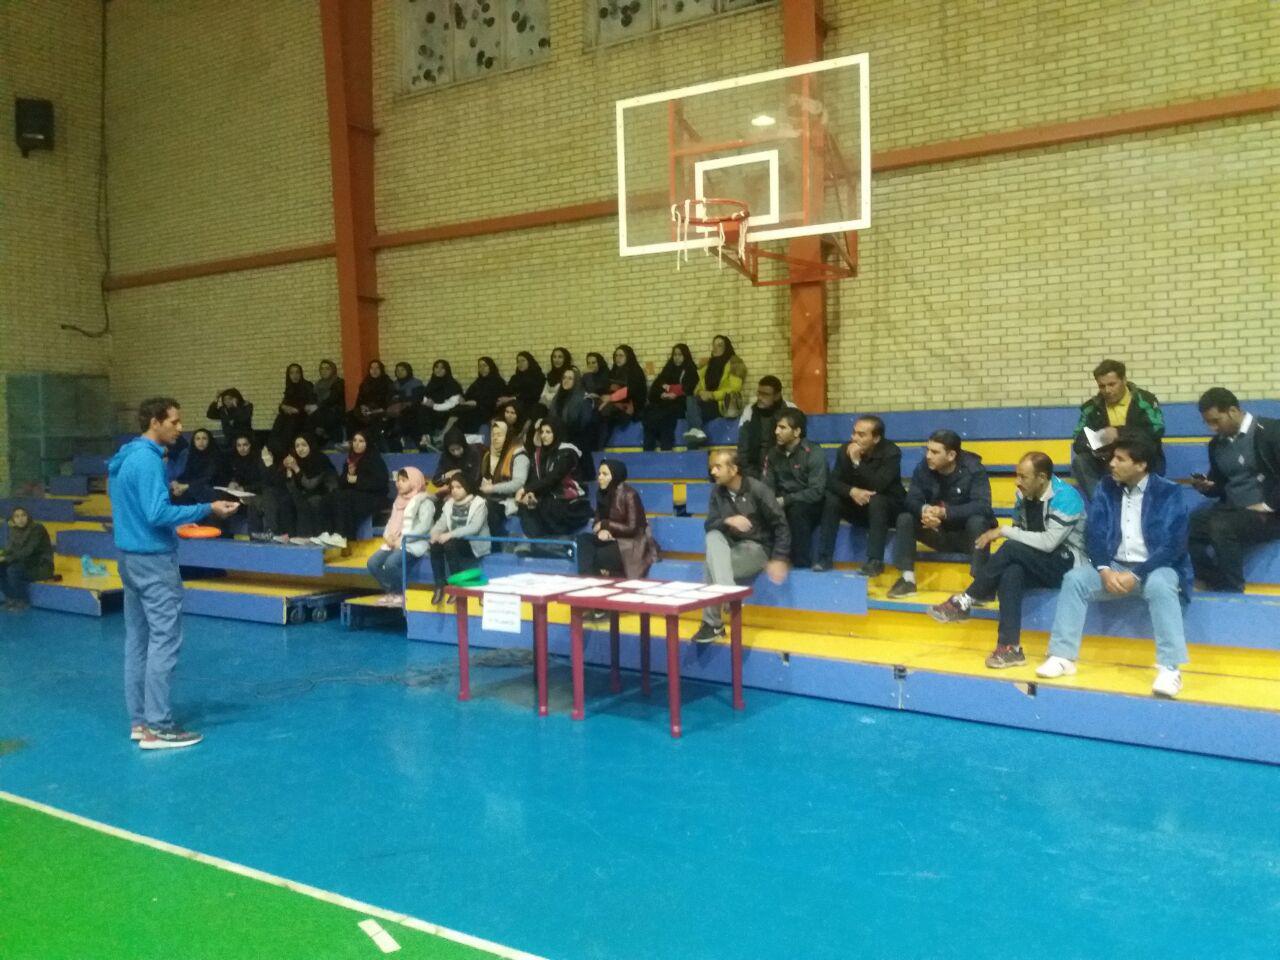 برگزاری جشنواره آموزش و مسابقه در رشته های دارت و فریزبی